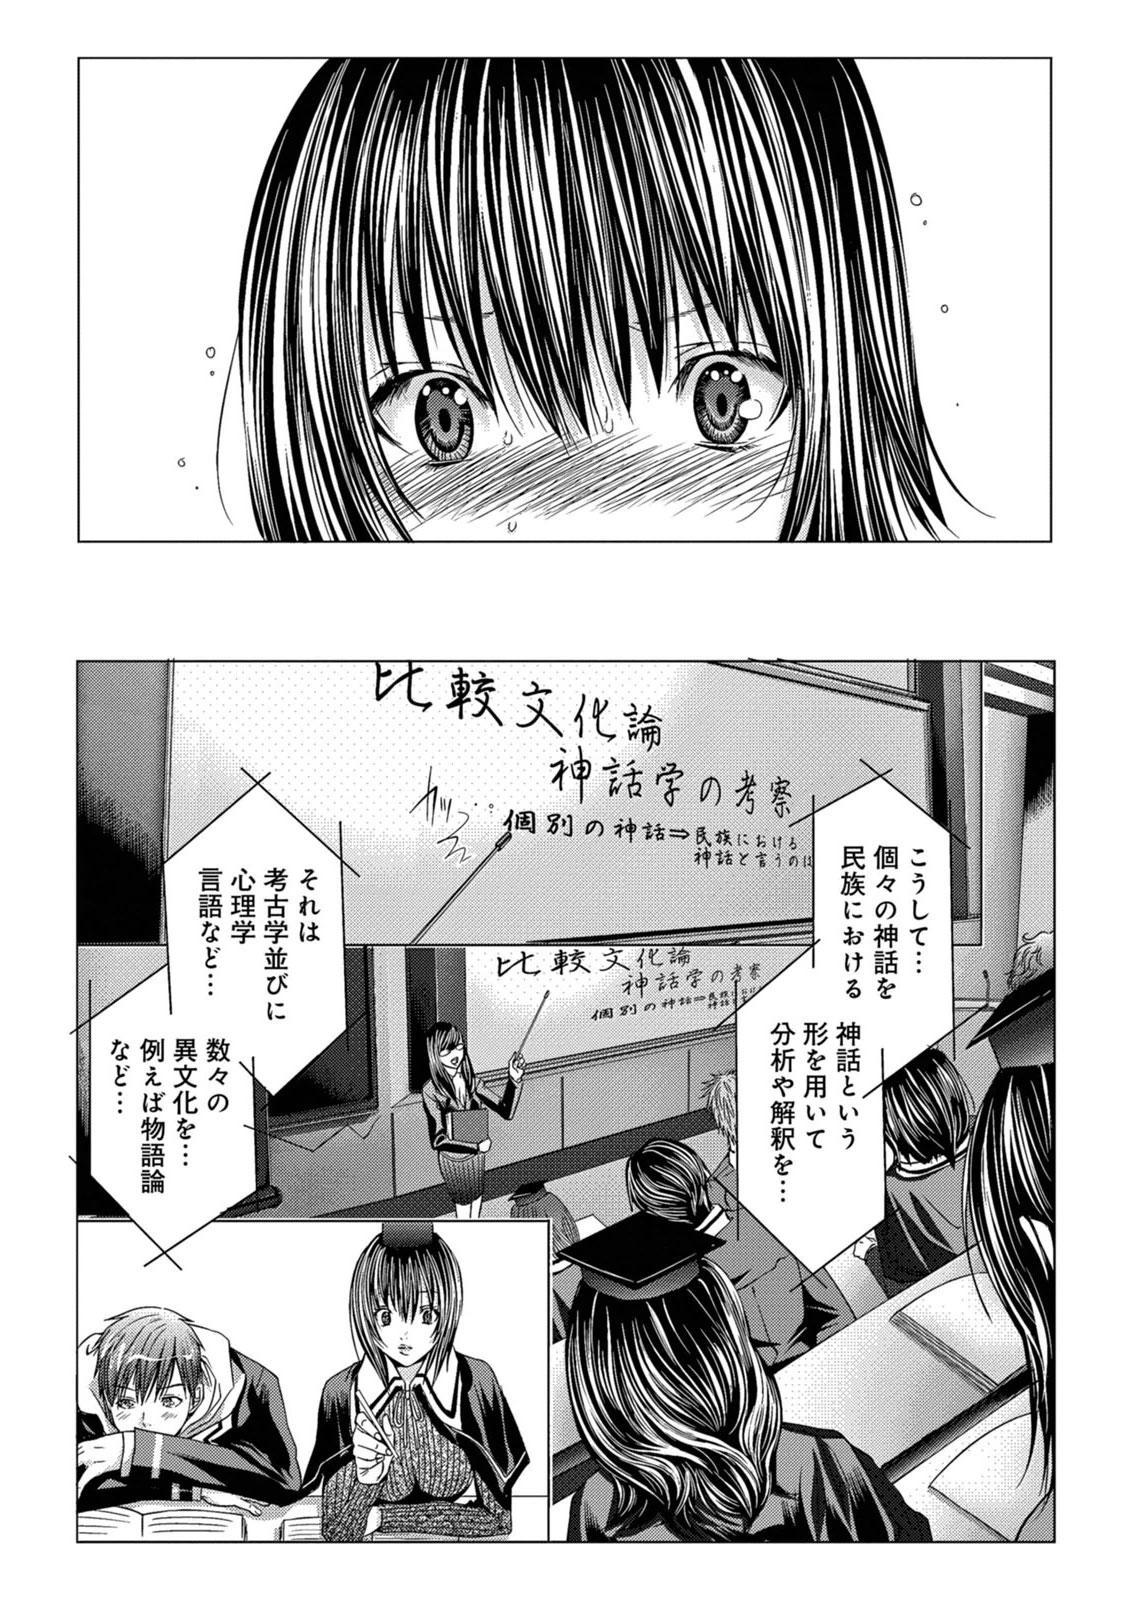 [Miyazaki Maya] Holy Knight ~Junketsu to Ai no Hazama de~ Vol. 1 29